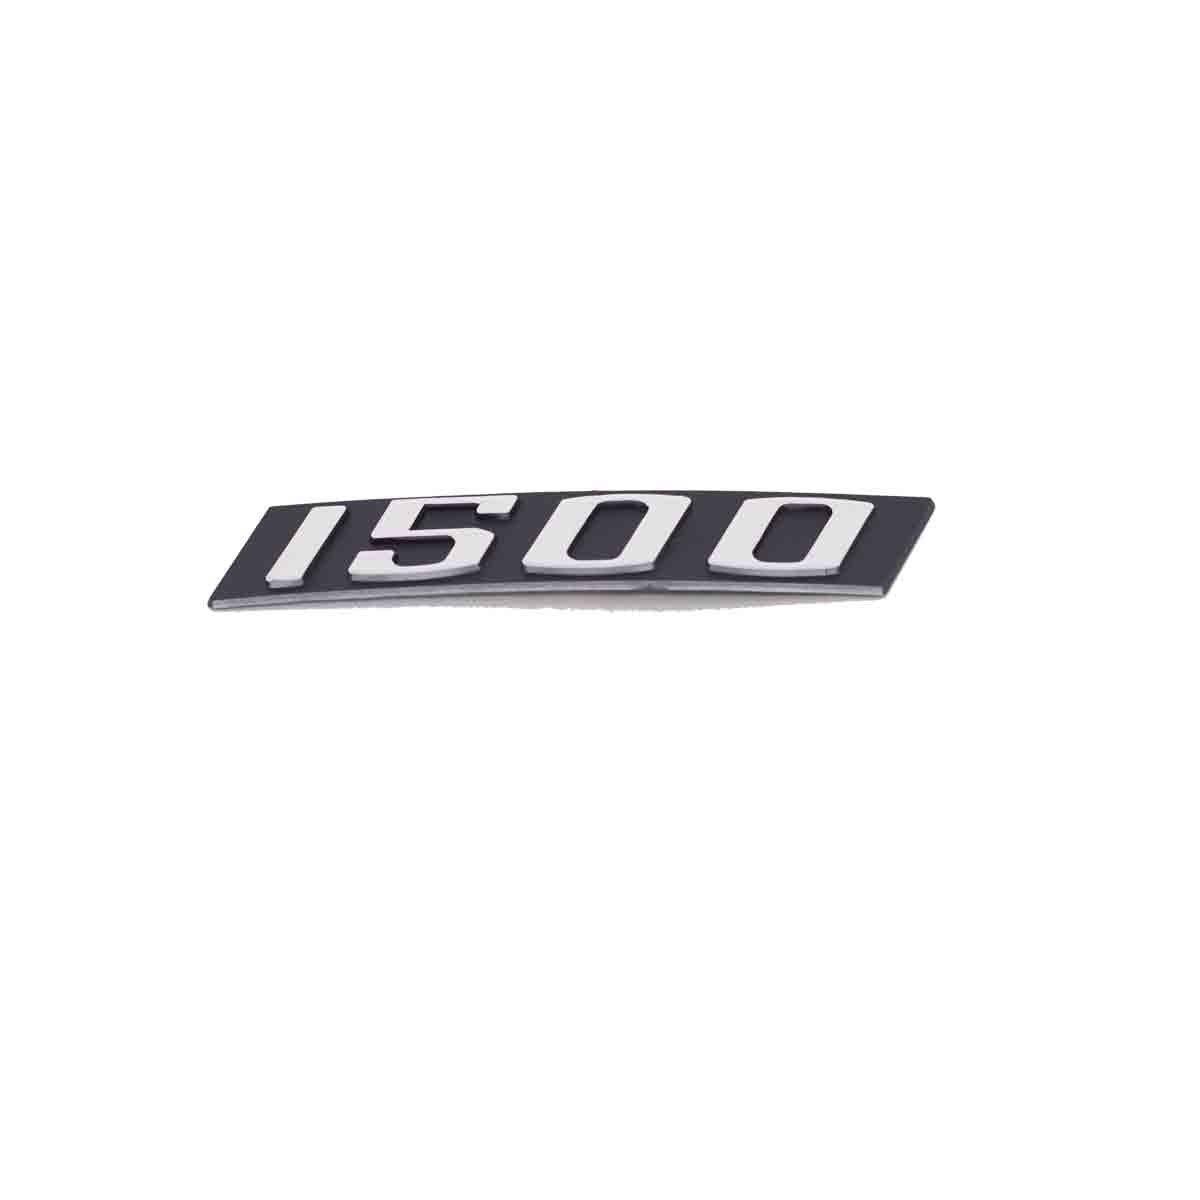 Emblema 1500 /86